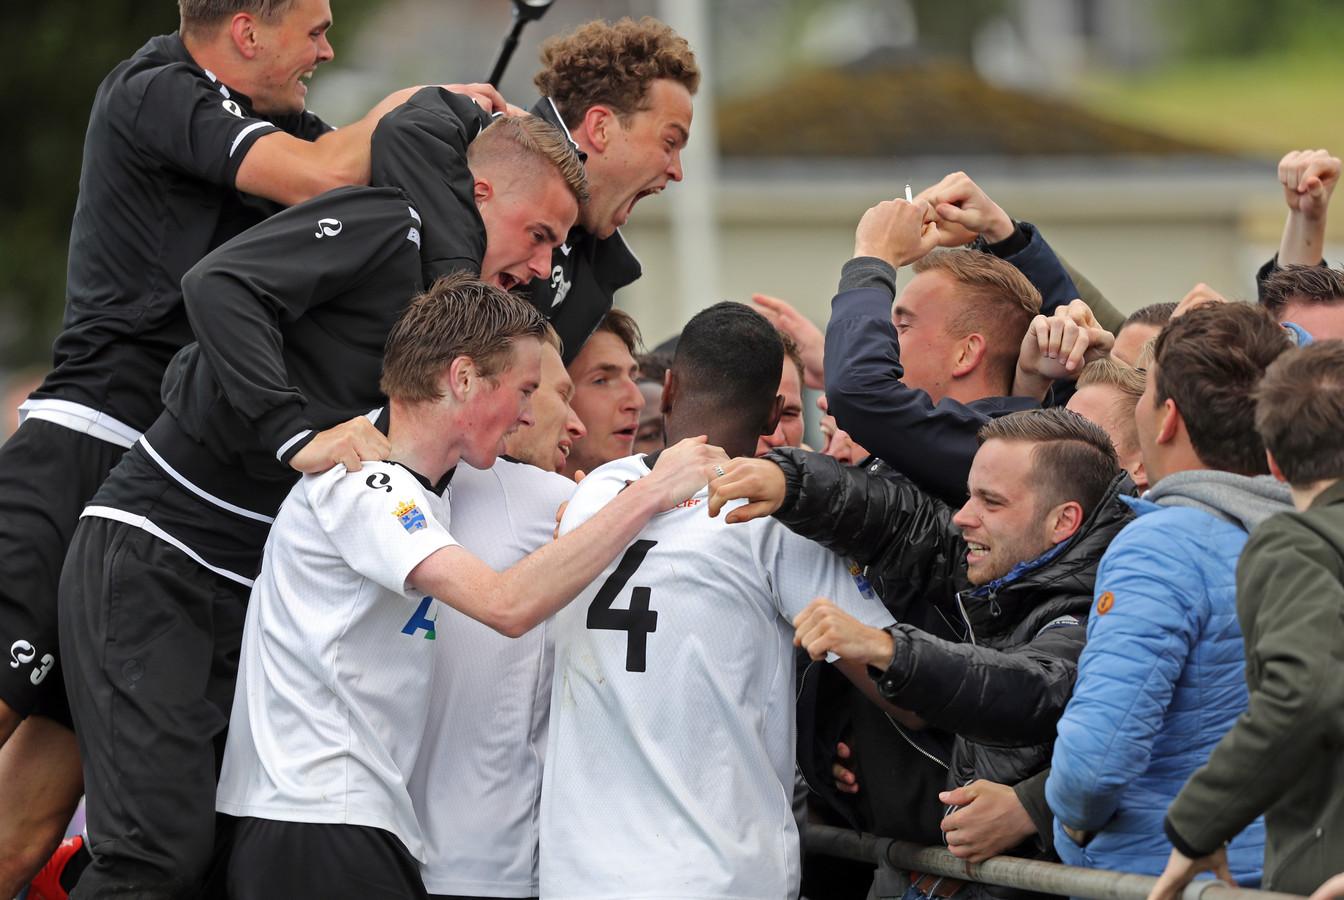 Dolle vreugde bij de spelers en supporters van NSVV, nadat de Numansdorpers in de verlenging op een 2-1 voorsprong komen tegen VVGZ.